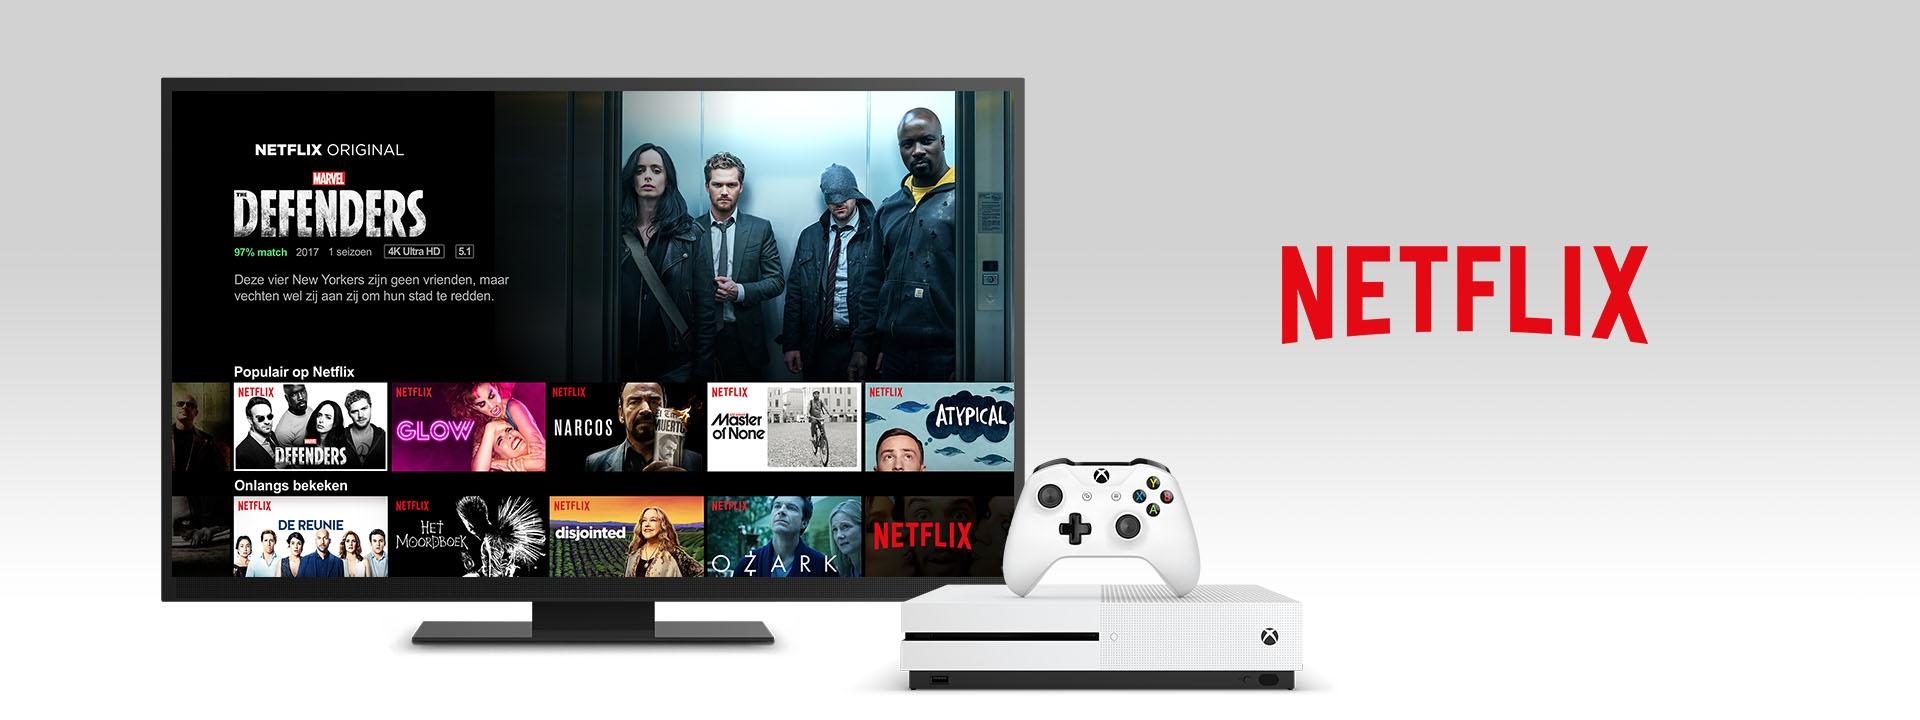 Netflix op een Xbox One